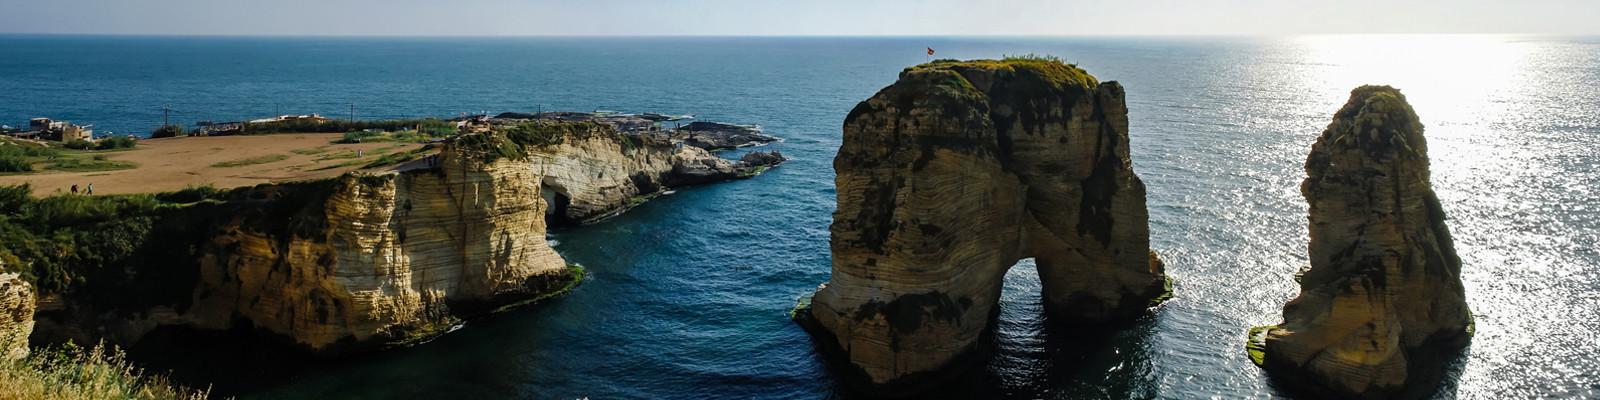 Luxury Tours in Lebanon